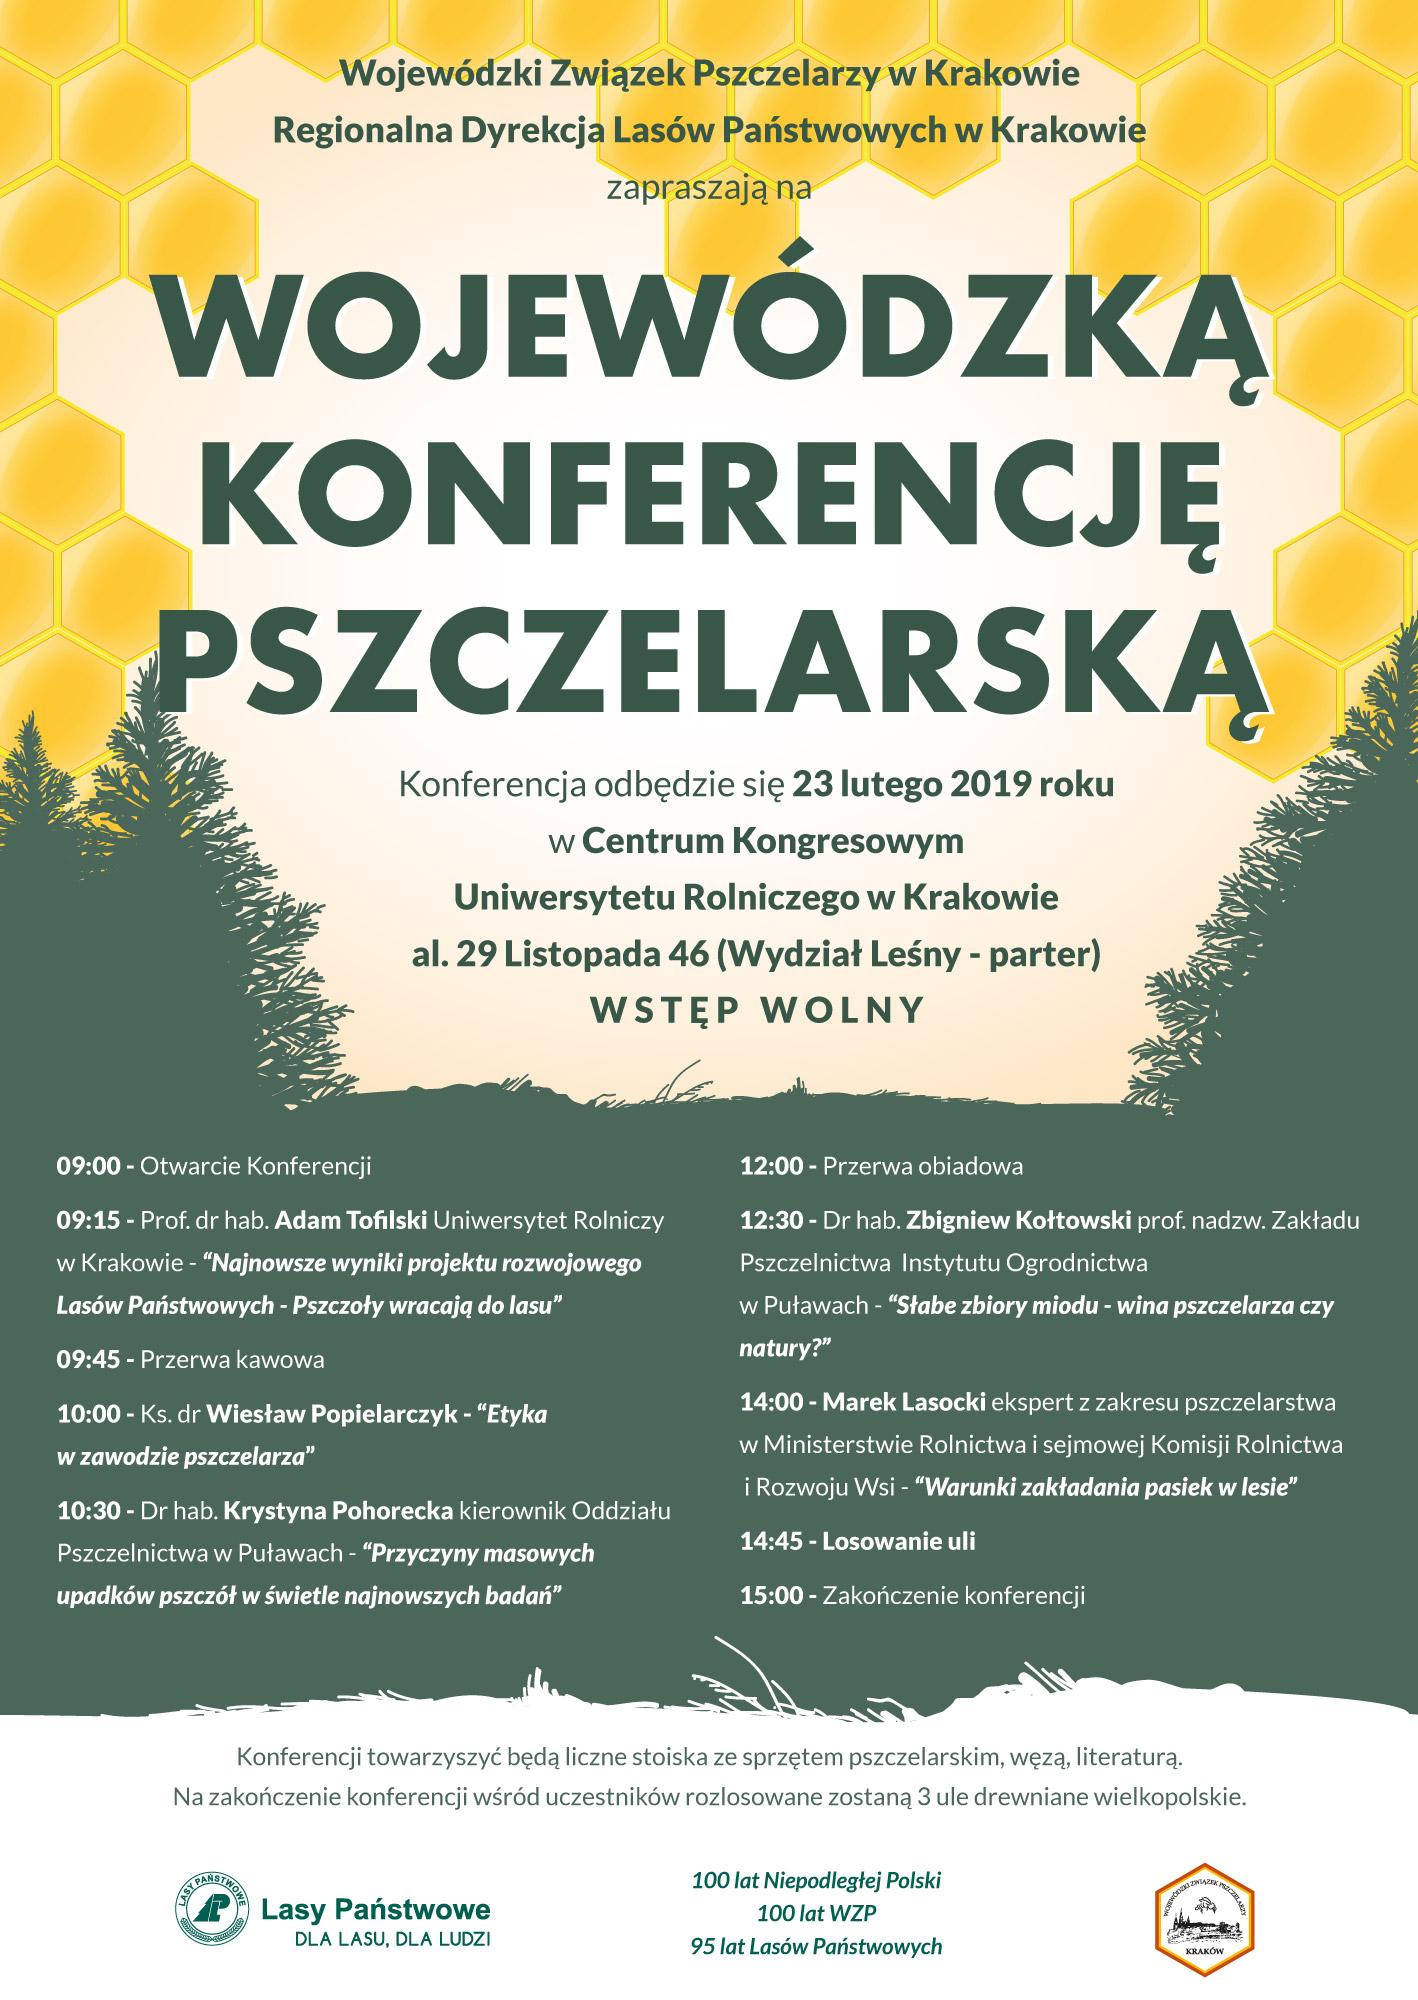 WZP_Konferencja_A2_2.jpg